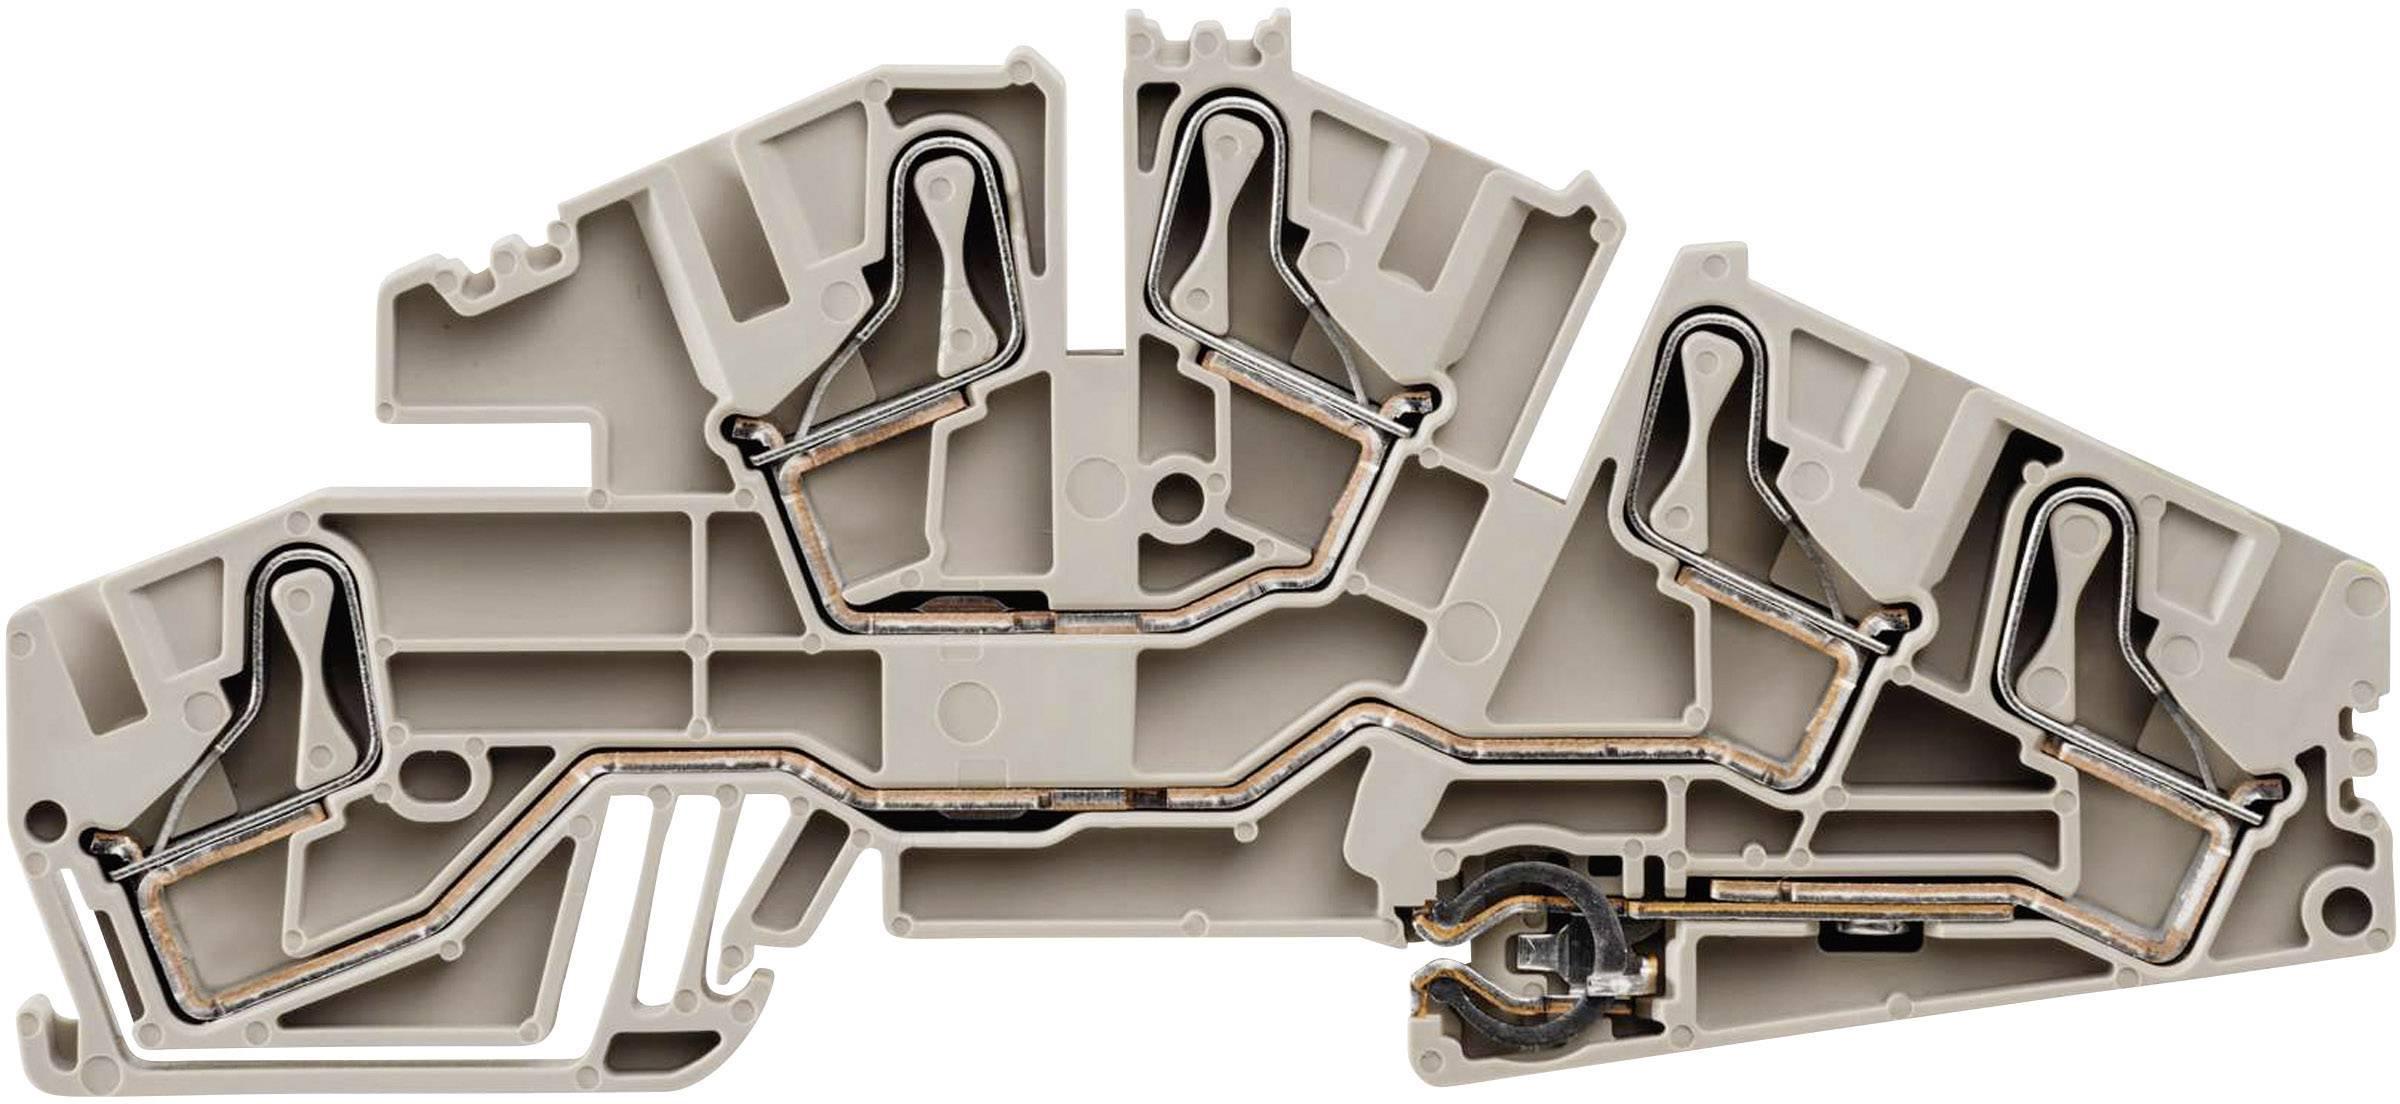 Řadová instal. svorka Weidmüller PDL 6S L/L/PE (1411330000), rychlé připojení, béžová